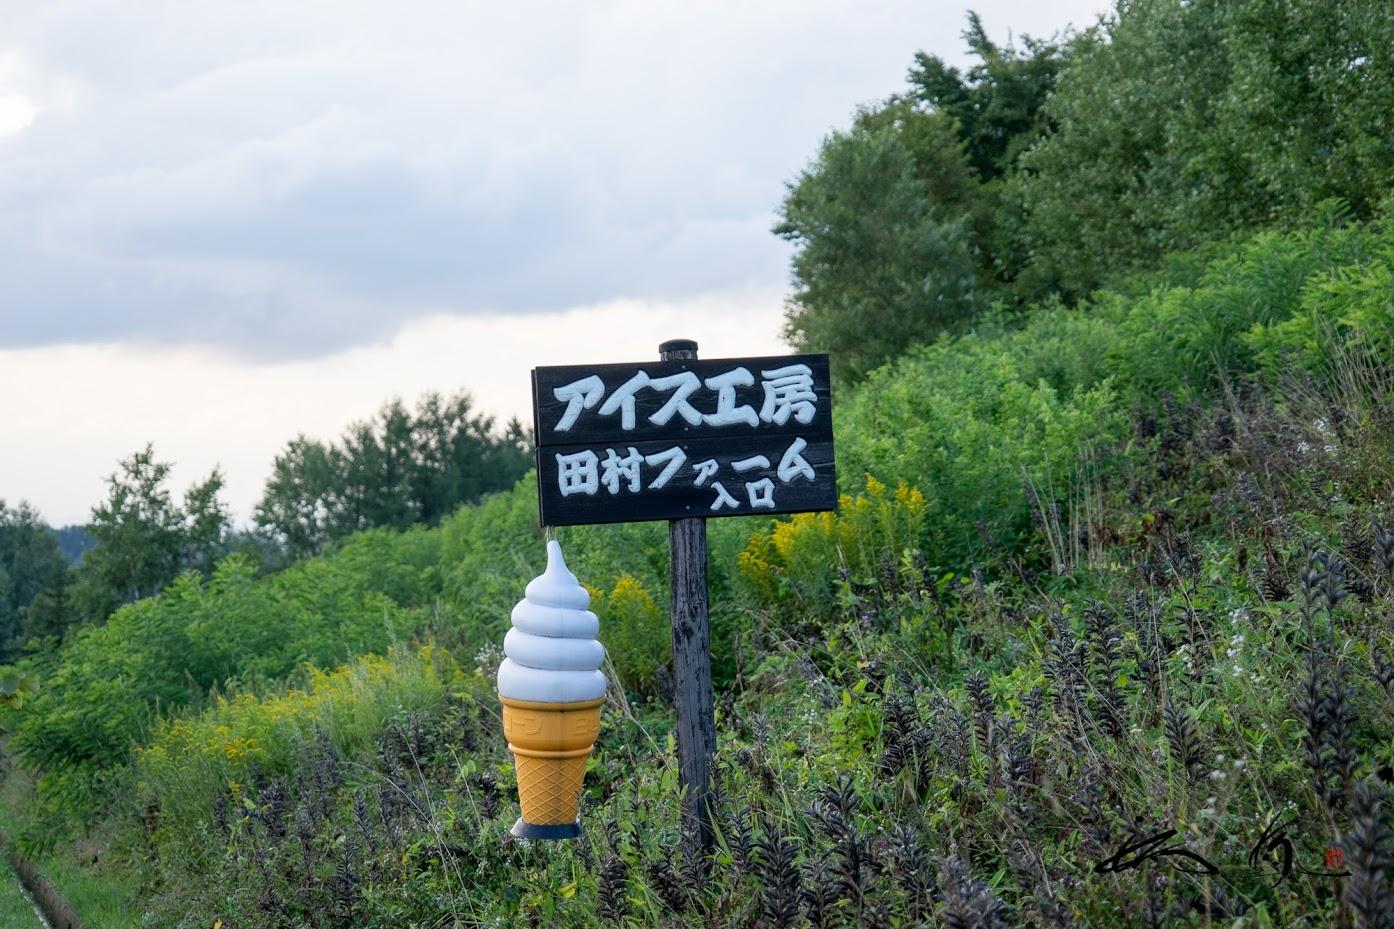 アイス工房田村ファーム入り口